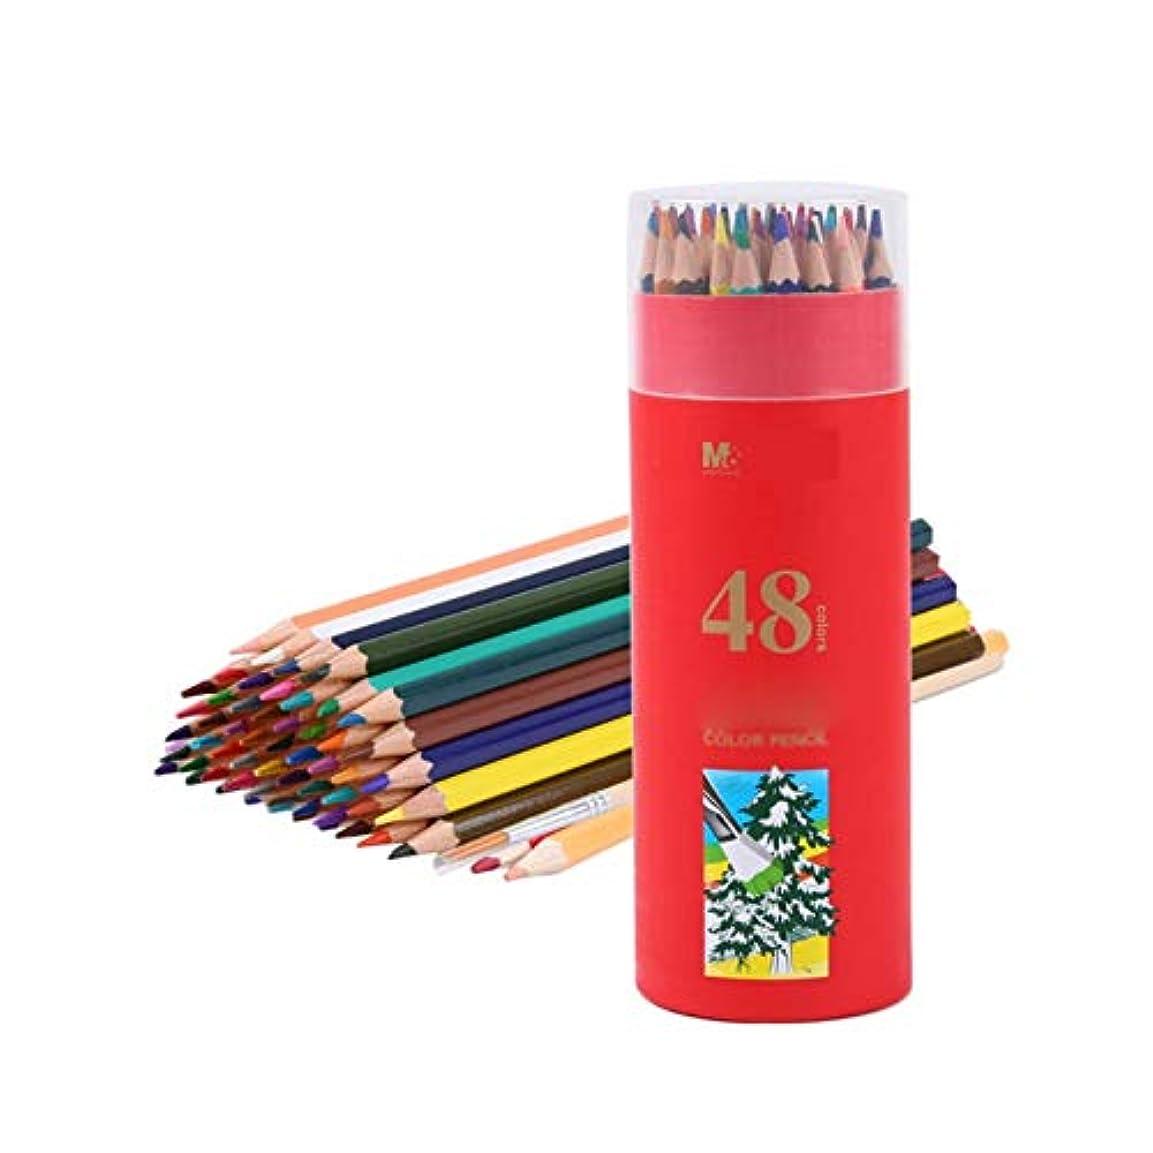 手順急性痛いGaoxingbianlidian001 ペイントブラシ、48色水溶性ペン、快適な練習塗装カラーリードブラシ、柔らかくて明確な手描き木製色鉛筆(48色、19 * 7 cm) 簡単で簡単 (Color : 48 colors, Size : 19*7cm)